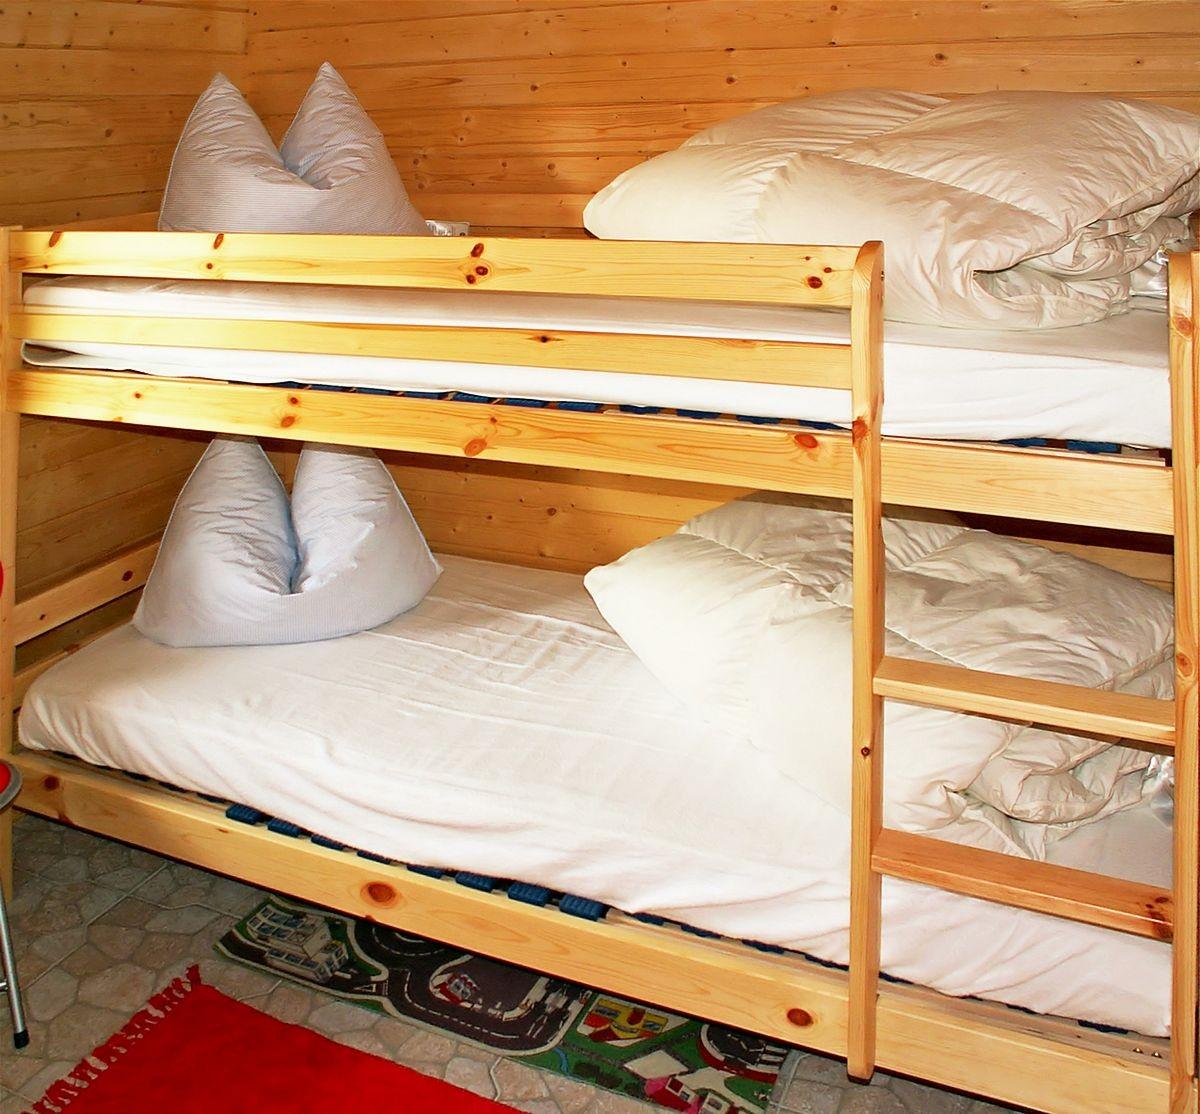 Blick In Das Schlafzimmer Mit Etagenbett